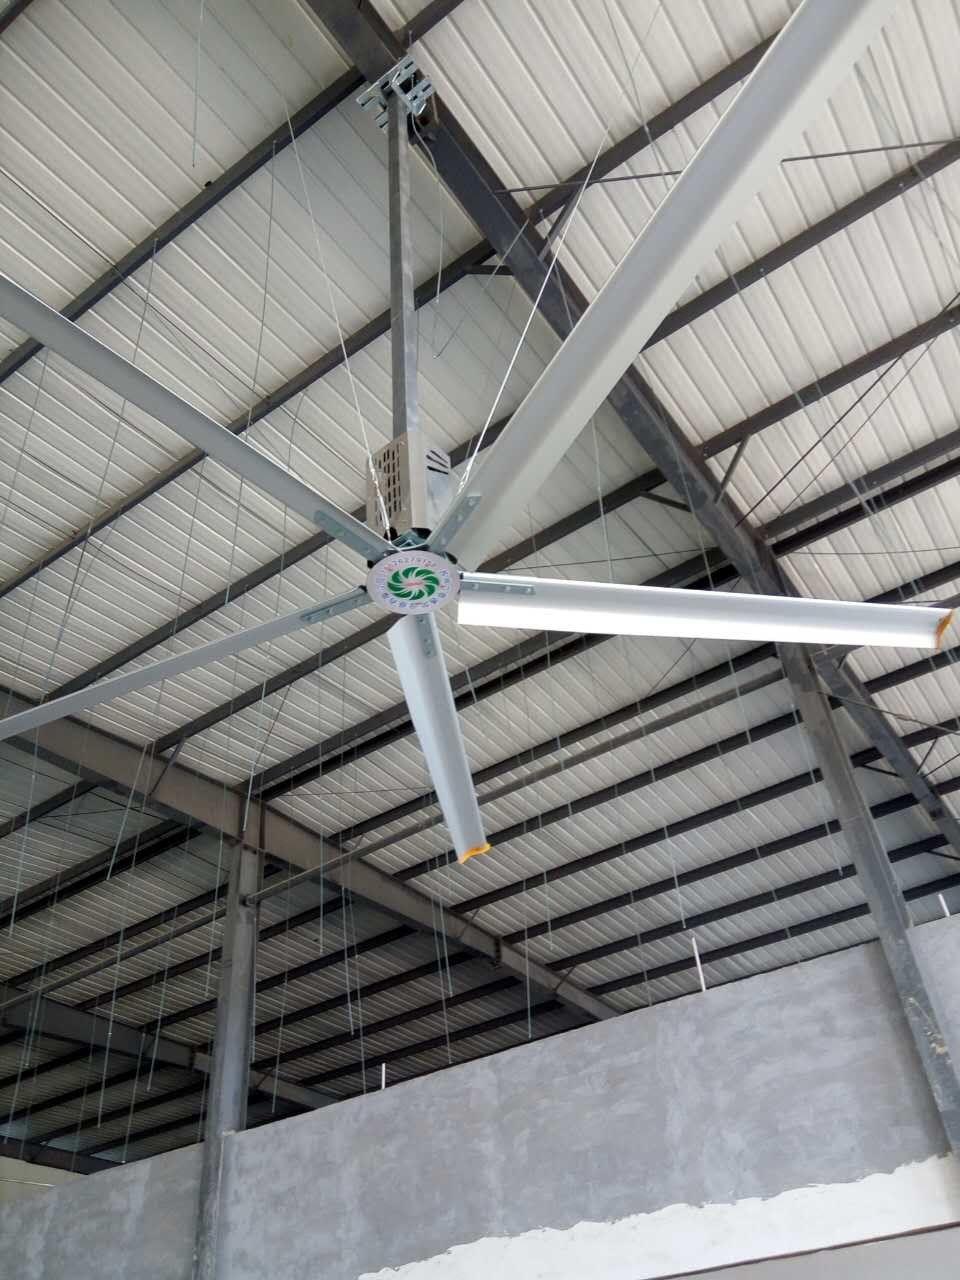 乐东黎族自治县工业用地风扇下周价格涨跌有限均价或大体持稳